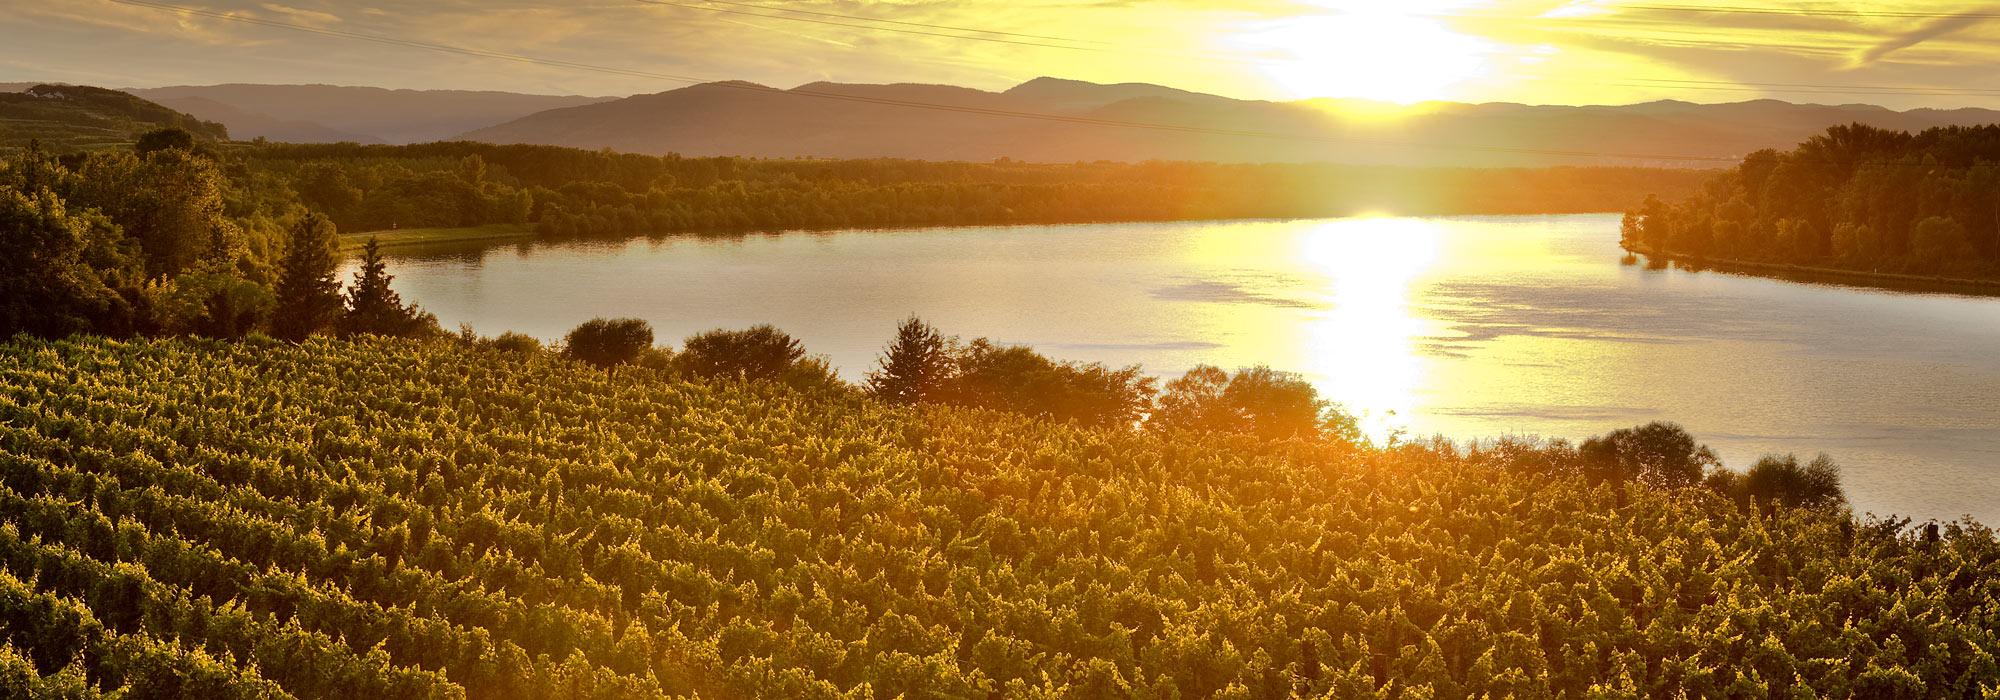 Sonnenuntergang über den Weingärten an der Donau